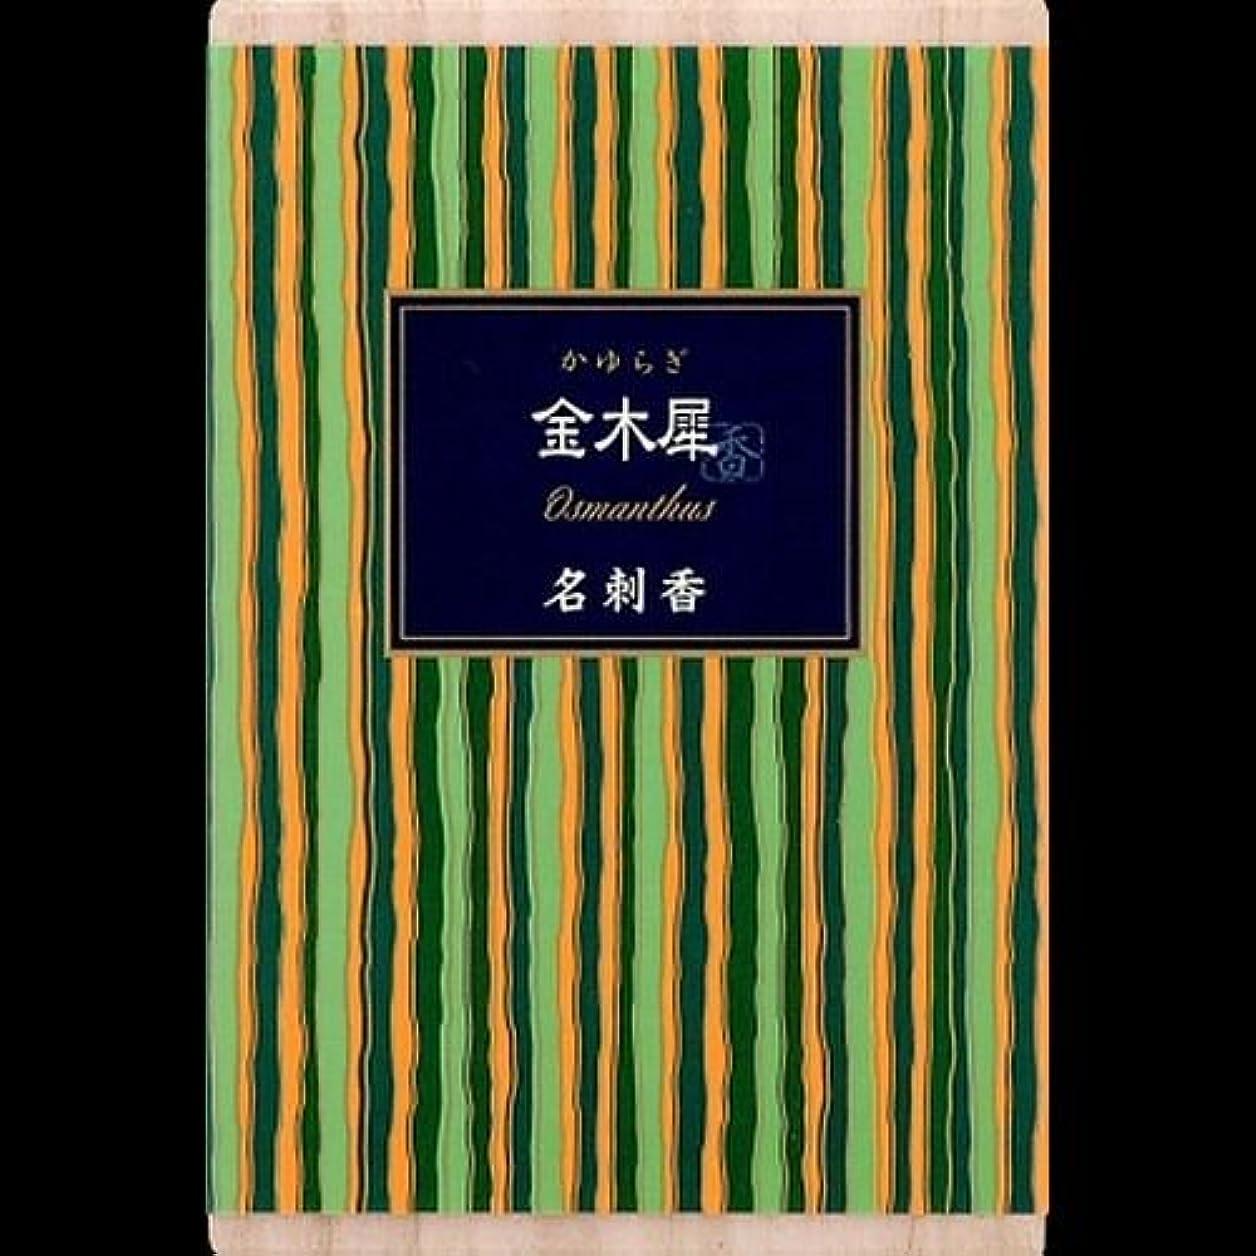 責良さ届ける【まとめ買い】かゆらぎ 金木犀 名刺香 桐箱 6入 ×2セット